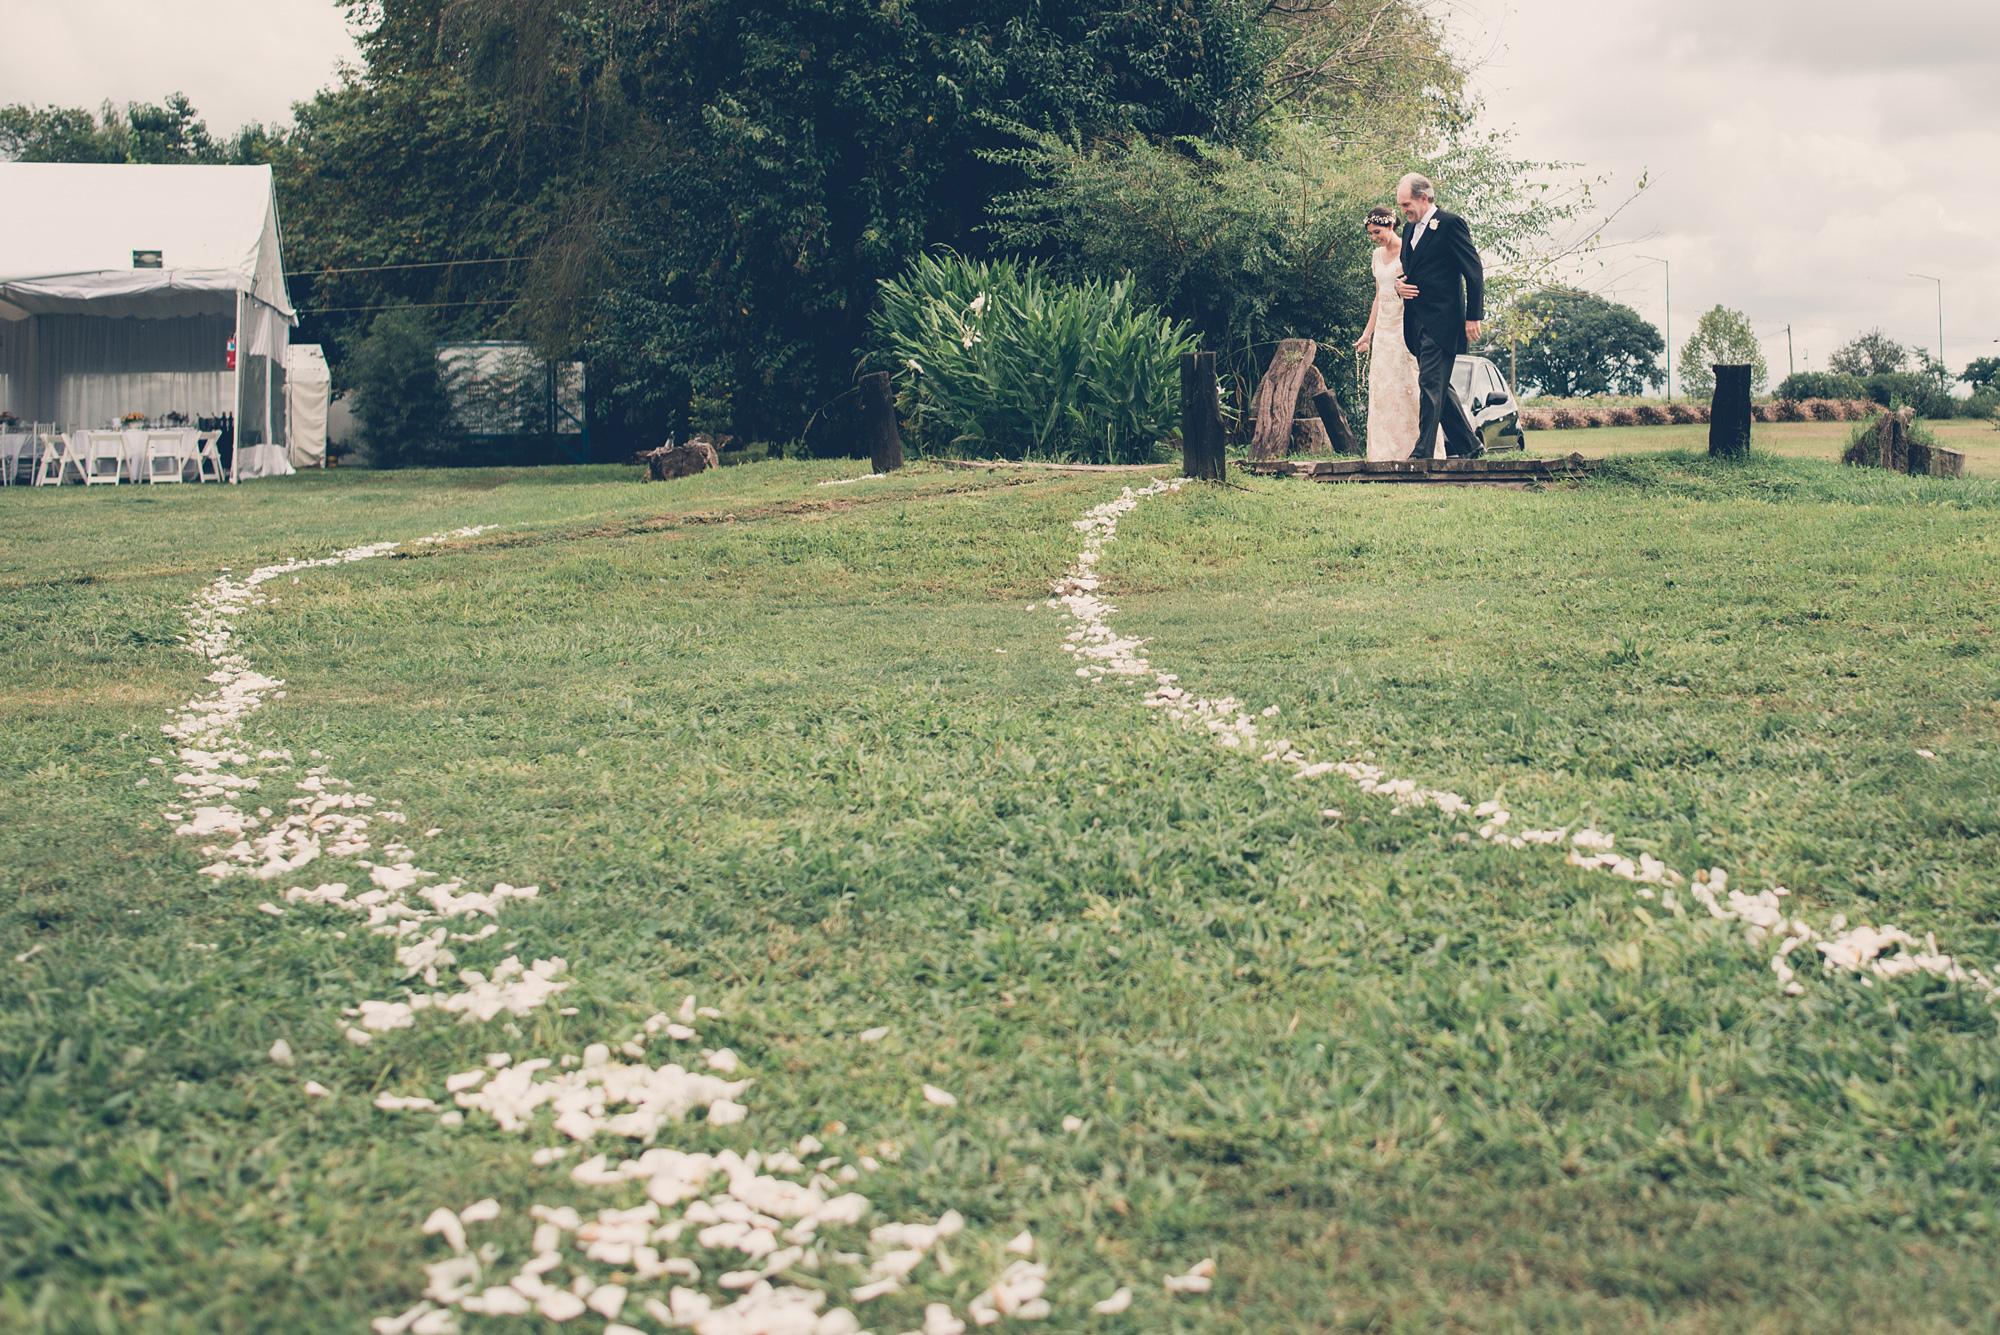 Una nueva tendencia natural llega a los casamientos